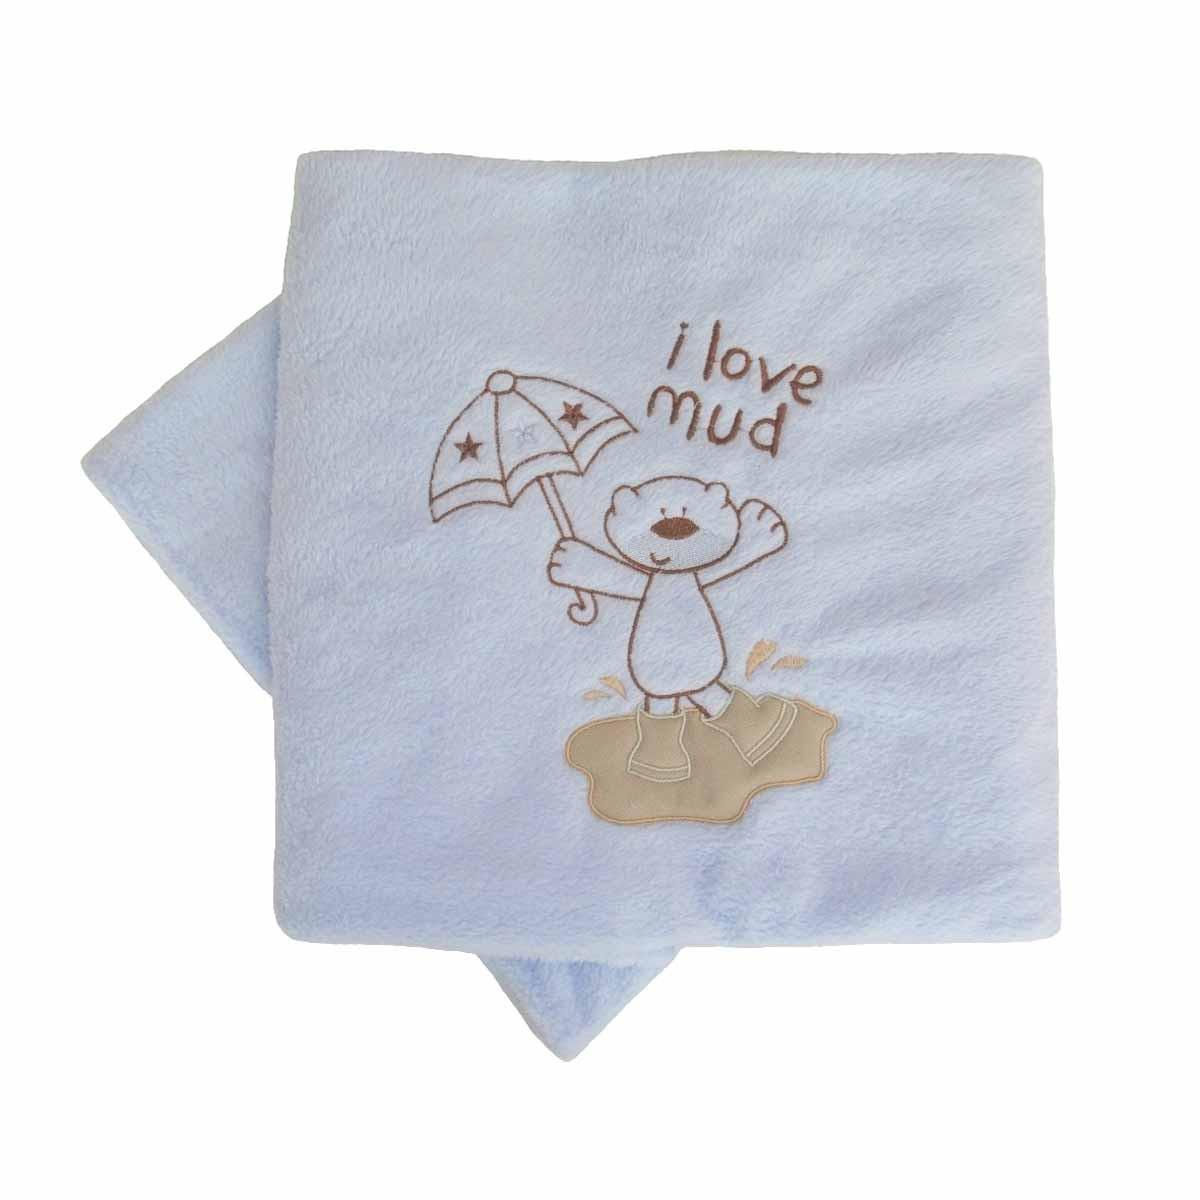 Κουβέρτα Fleece Αγκαλιάς Κόσμος Του Μωρού 0060 Mud Σιέλ